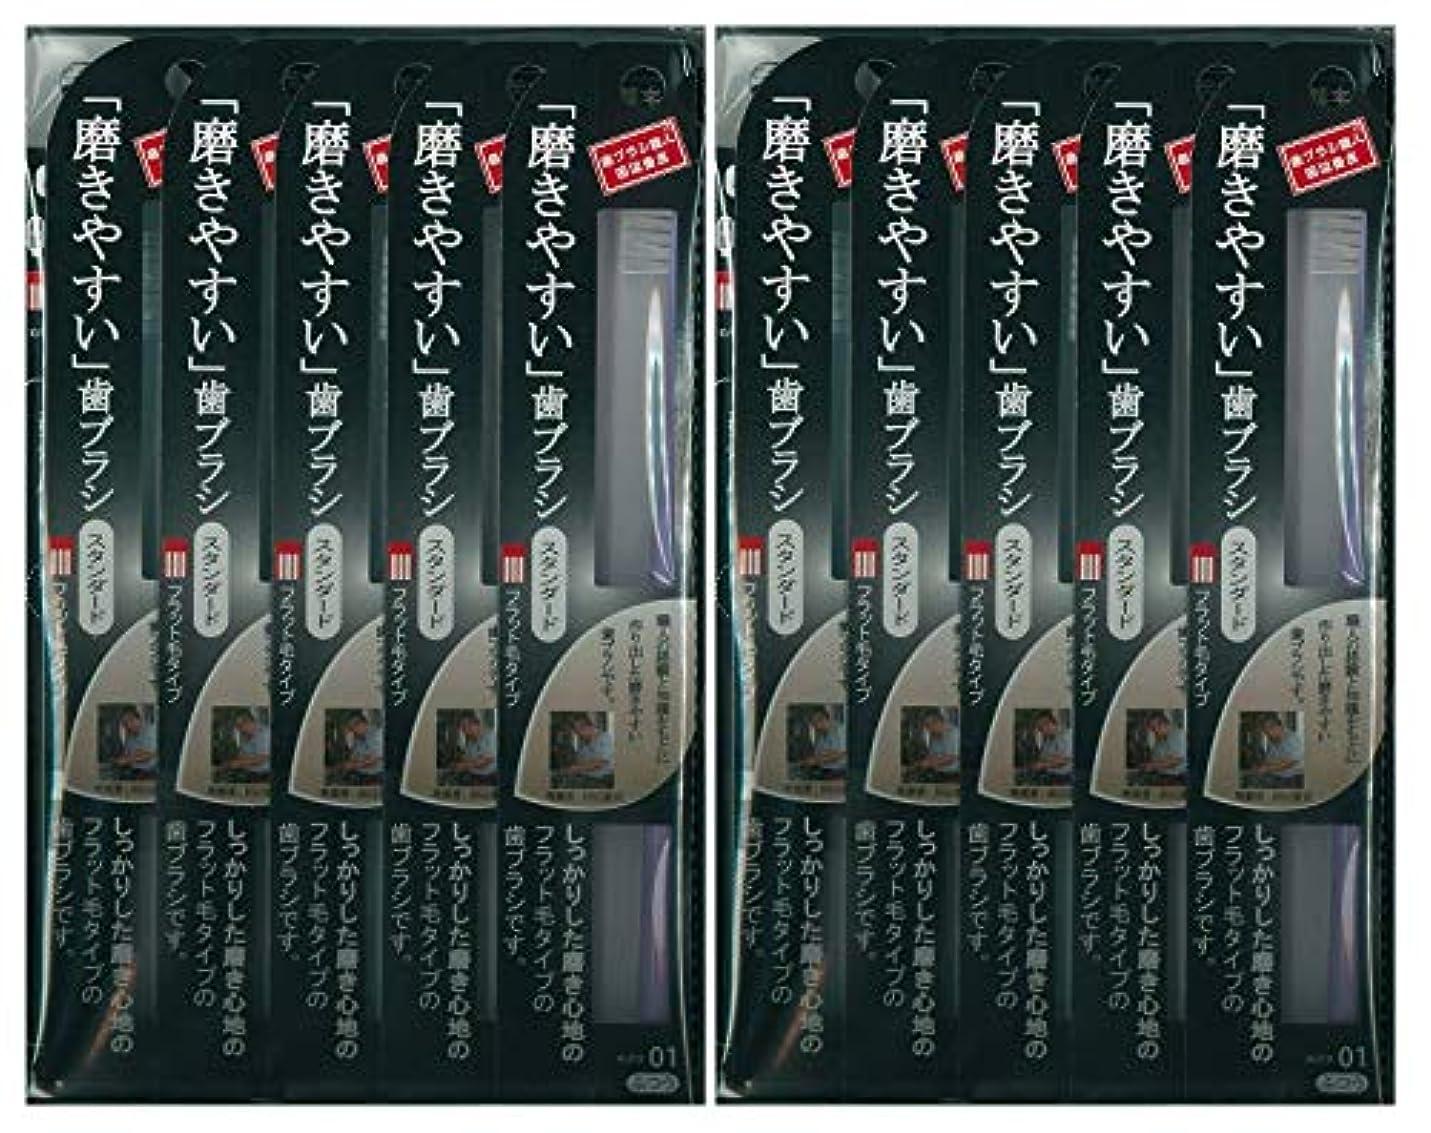 送る突然の緊張する歯ブラシ職人 田辺重吉考案 磨きやすい歯ブラシ ふつう (フラット) LT-01 1本入×24本セット